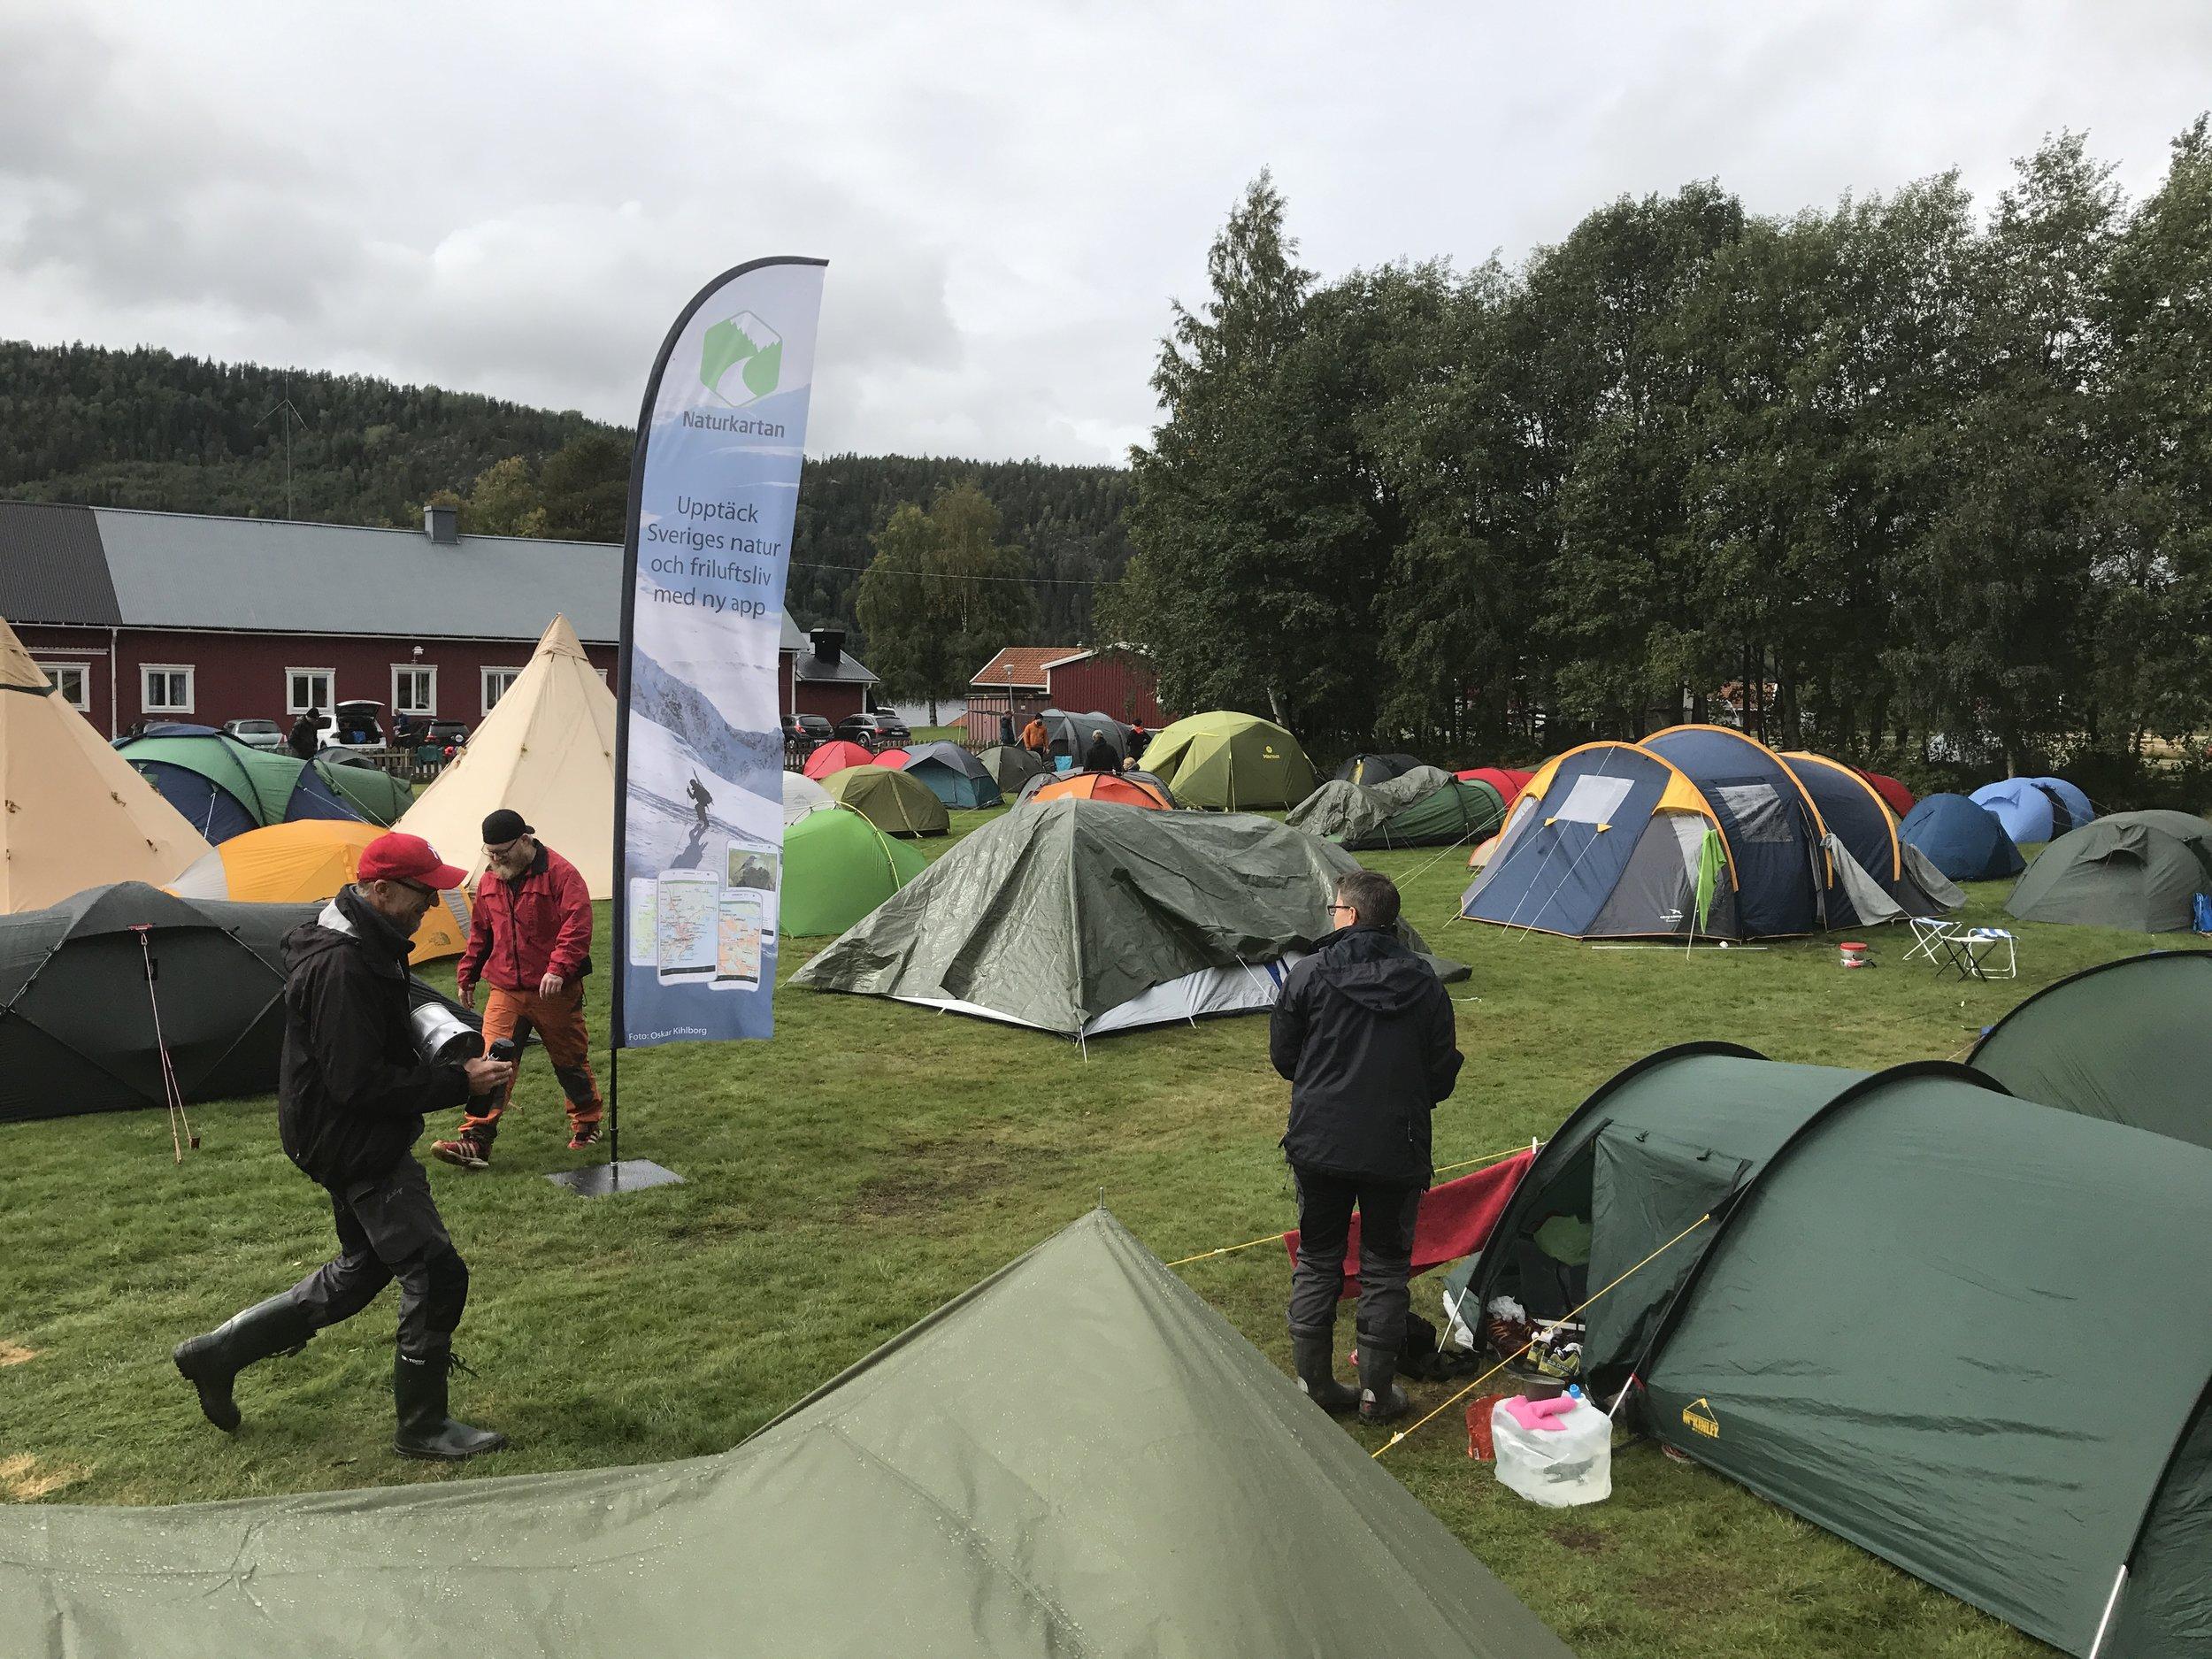 Naturkarta på Utefest - Trots ihållande regn så sken besökare på årets festivalplats